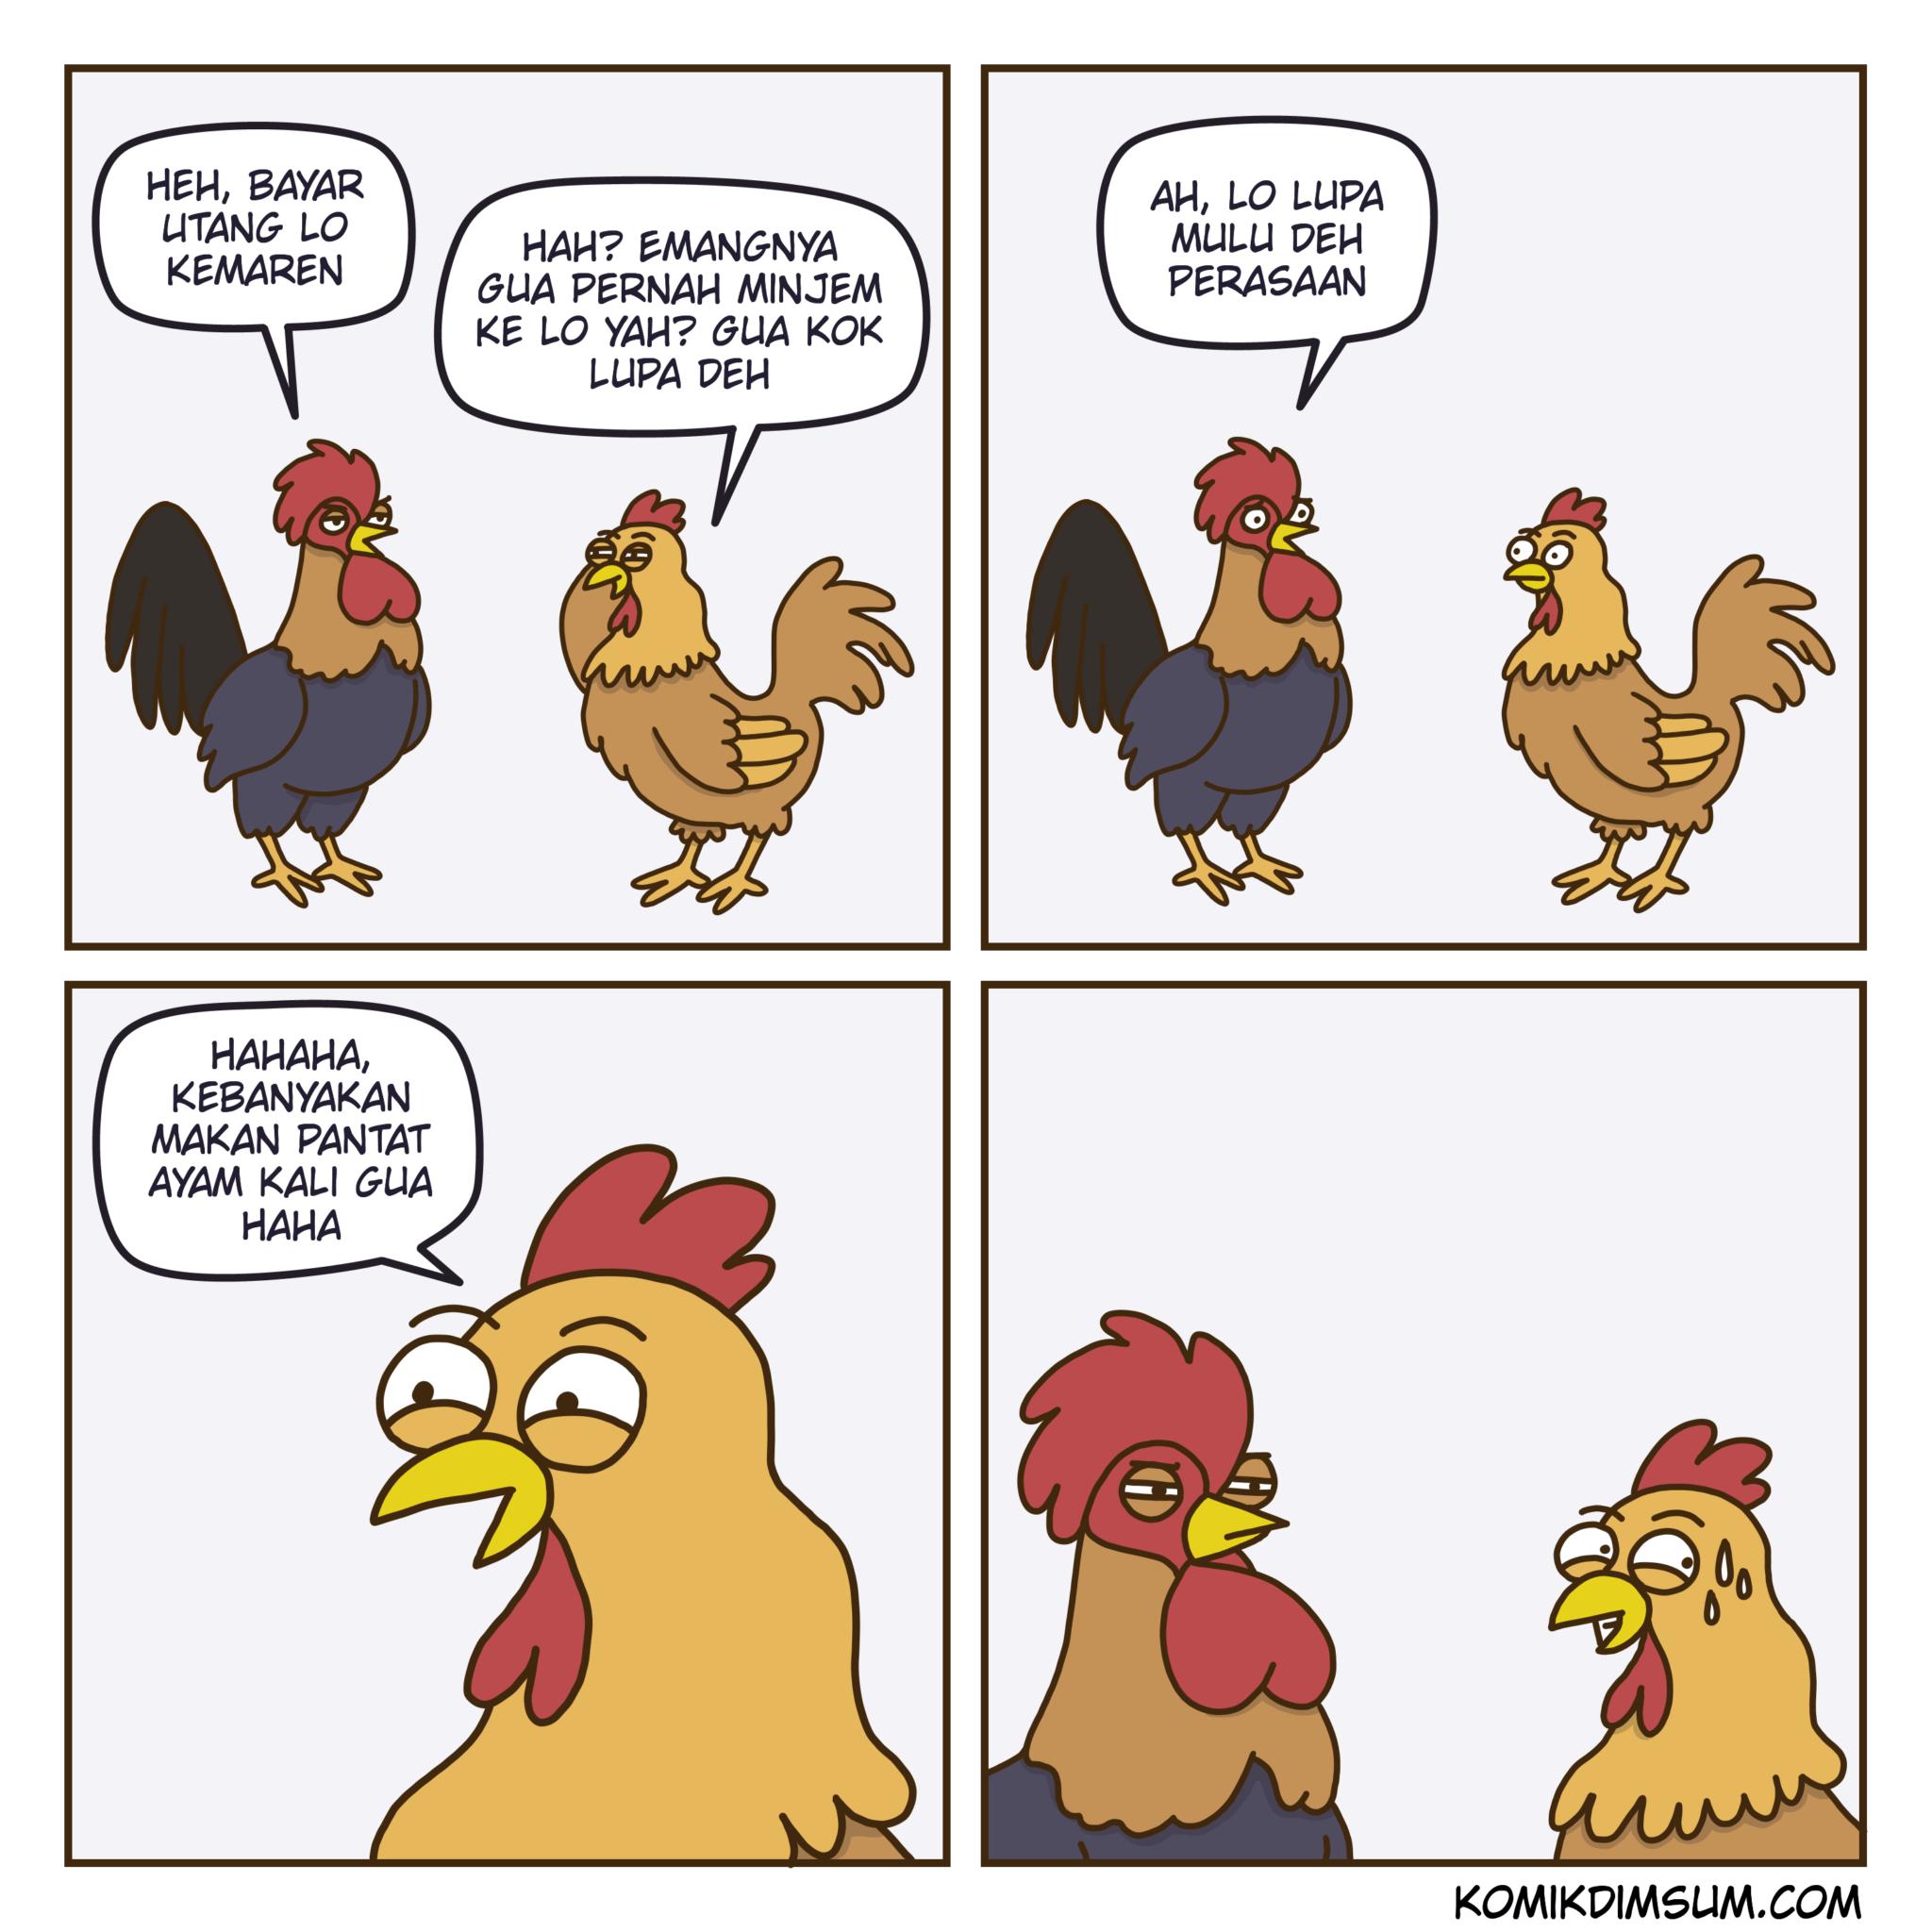 Ayam Pelupa